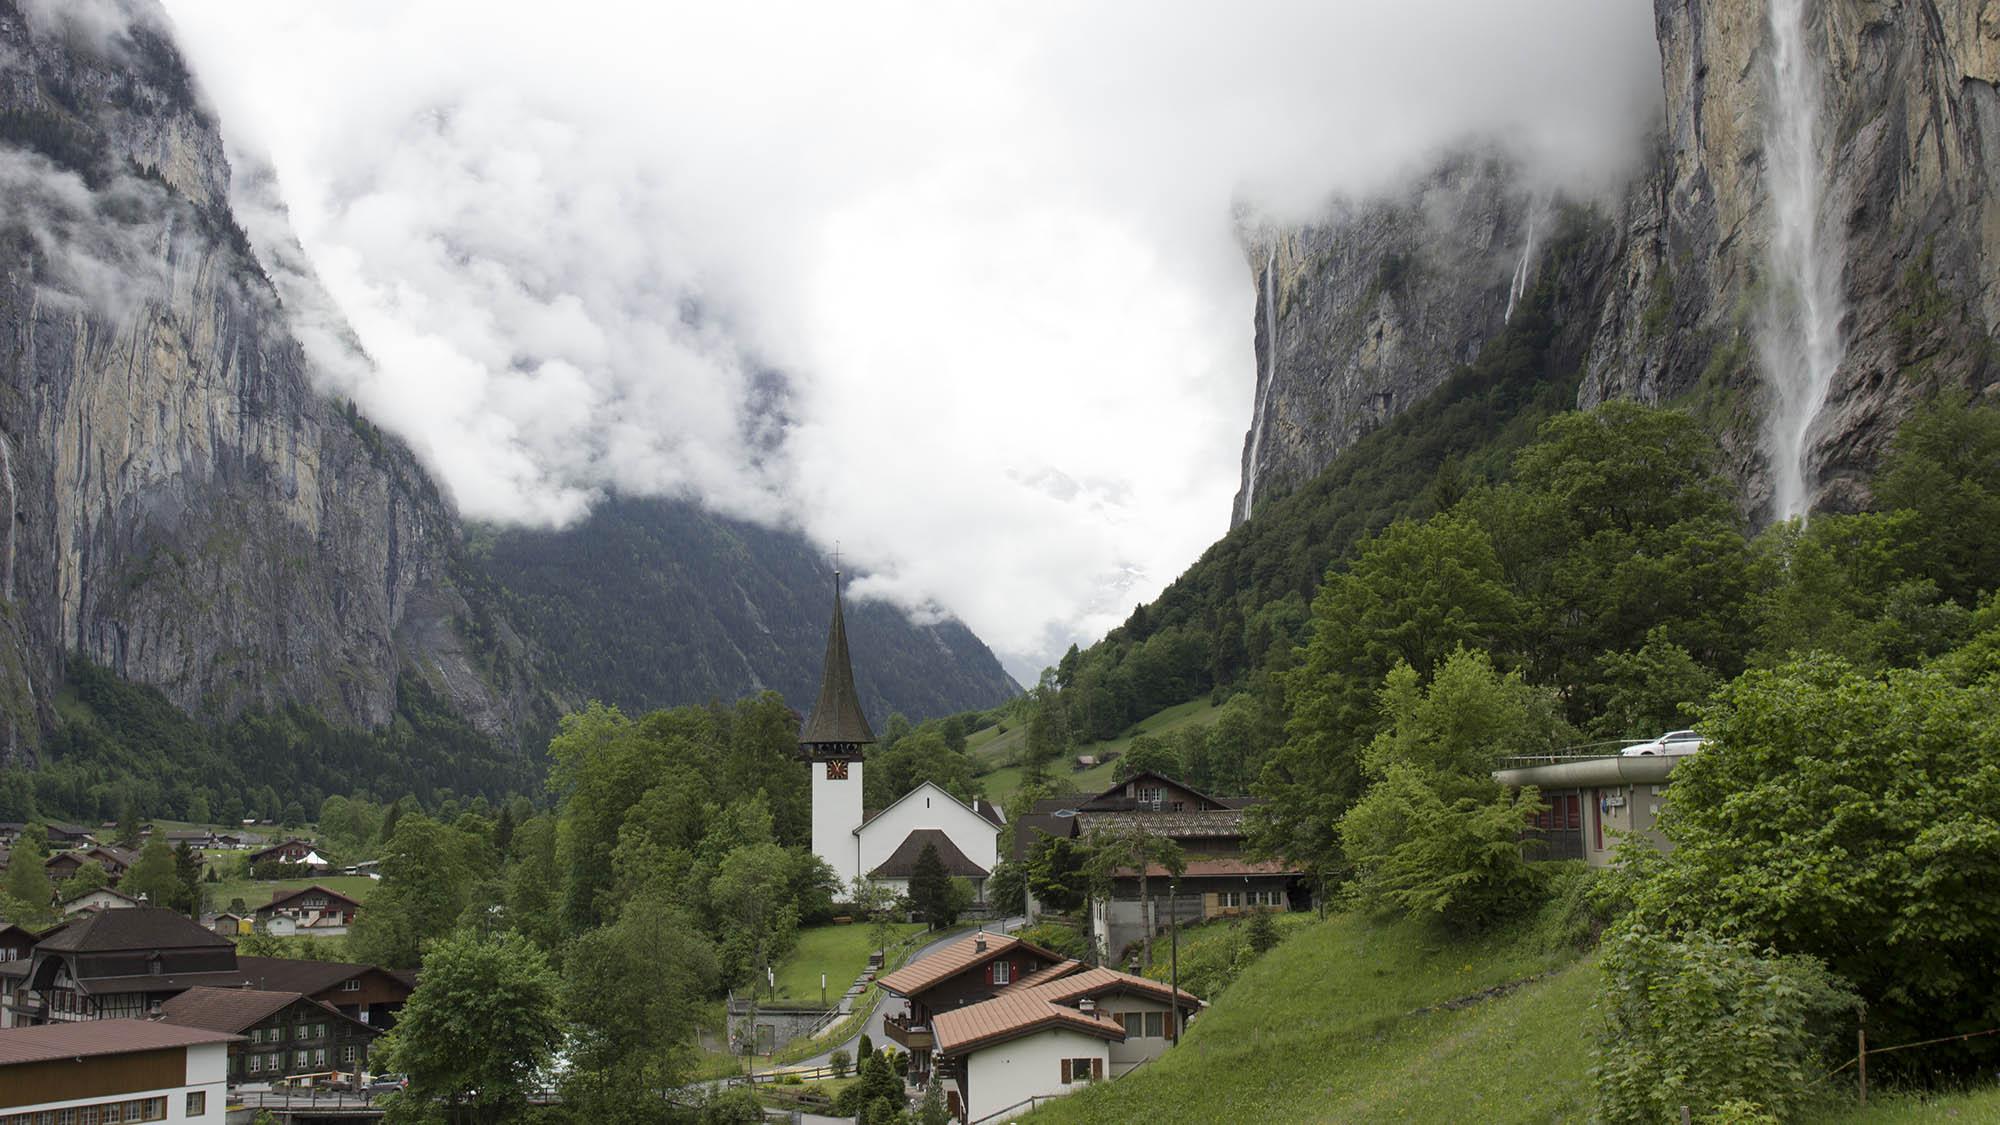 Lauternrunnen Valley